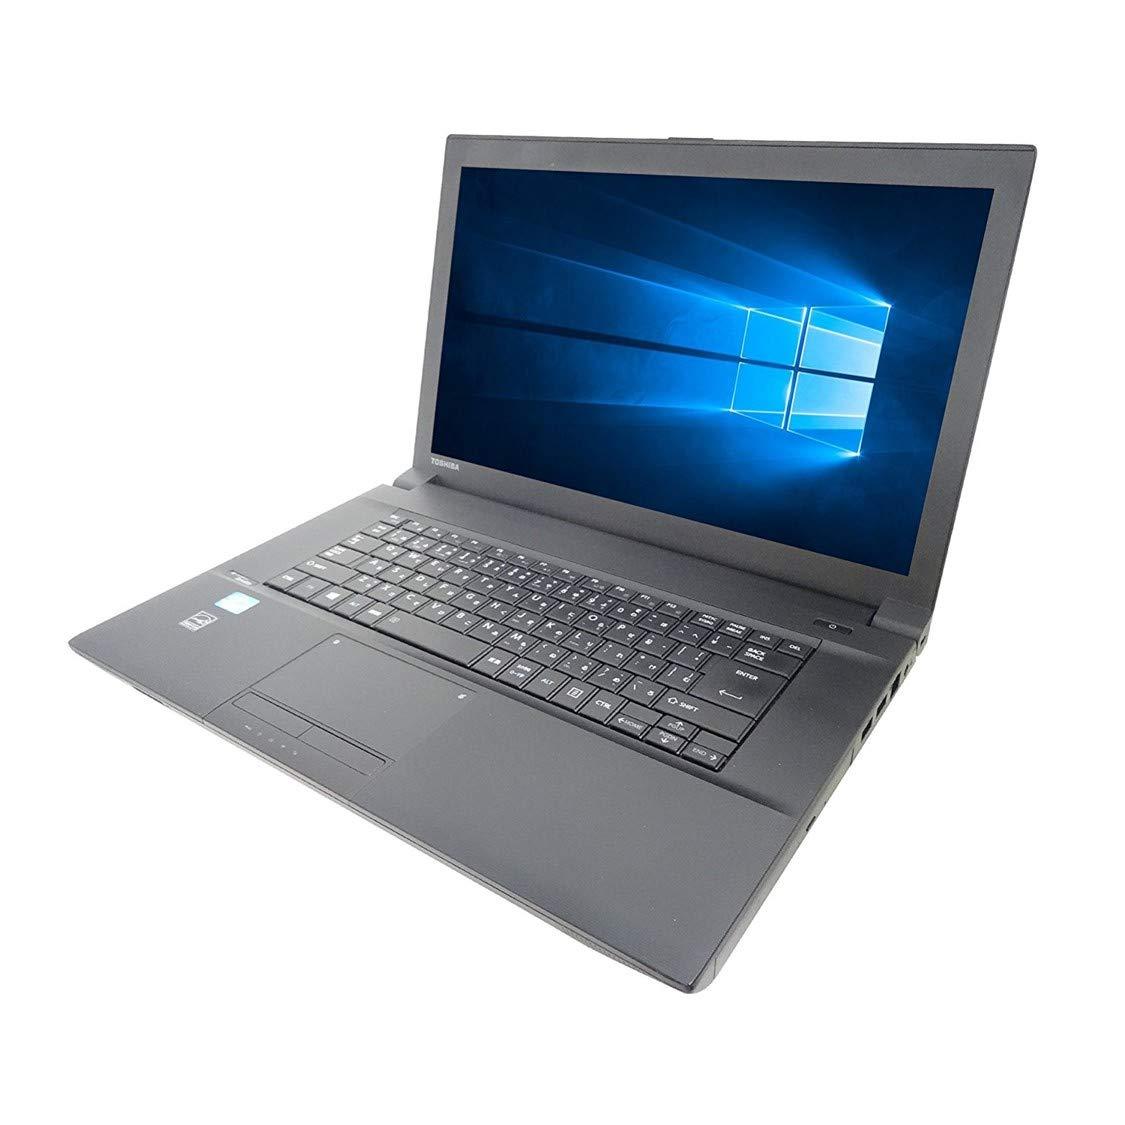 最新作 【Microsoft Office 2016搭載】【Win 10搭載 Office】TOSHIBA B553/第三世代Core B553 2016搭載】【Win/第三世代Core i5 2.5GHz/メモリー8GB/HDD:新品1TB/DVDドライブ/USB 3.0/大画面15.6インチ/無線LAN搭載/ほぼ新品ノートパソコン/ (ハードディスク:新品1TB) B078KB289R ハードディスク:320GB ハードディスク:320GB, Cozy Cafe:70b4d78d --- arianechie.dominiotemporario.com